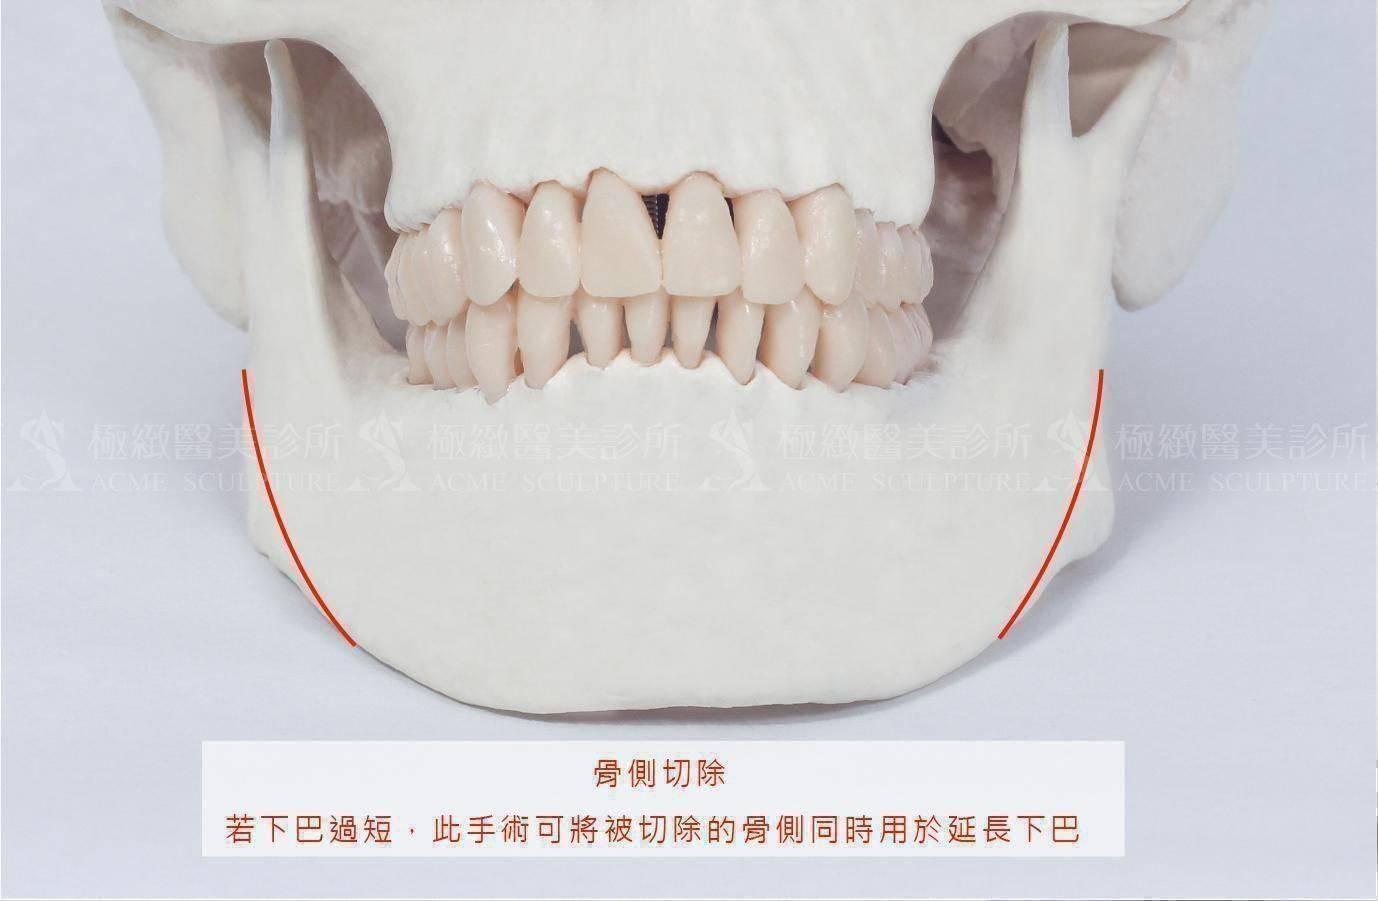 極緻醫美 削骨 臉型 下頷骨 V臉 v-line 下巴延長 自體截骨